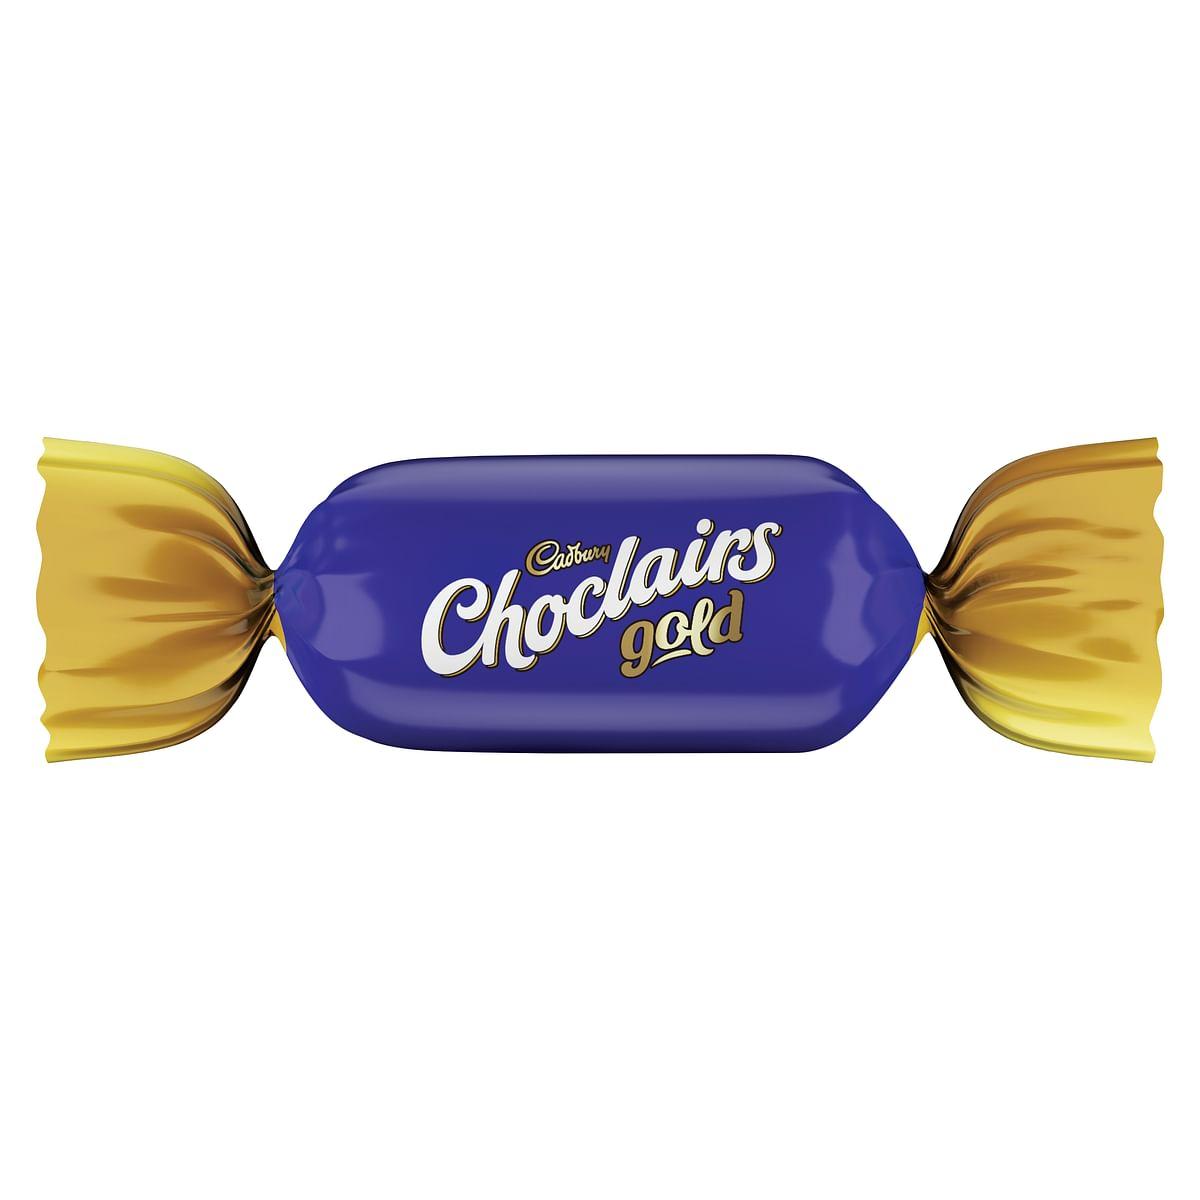 Cadbury Chocclairs new packaging